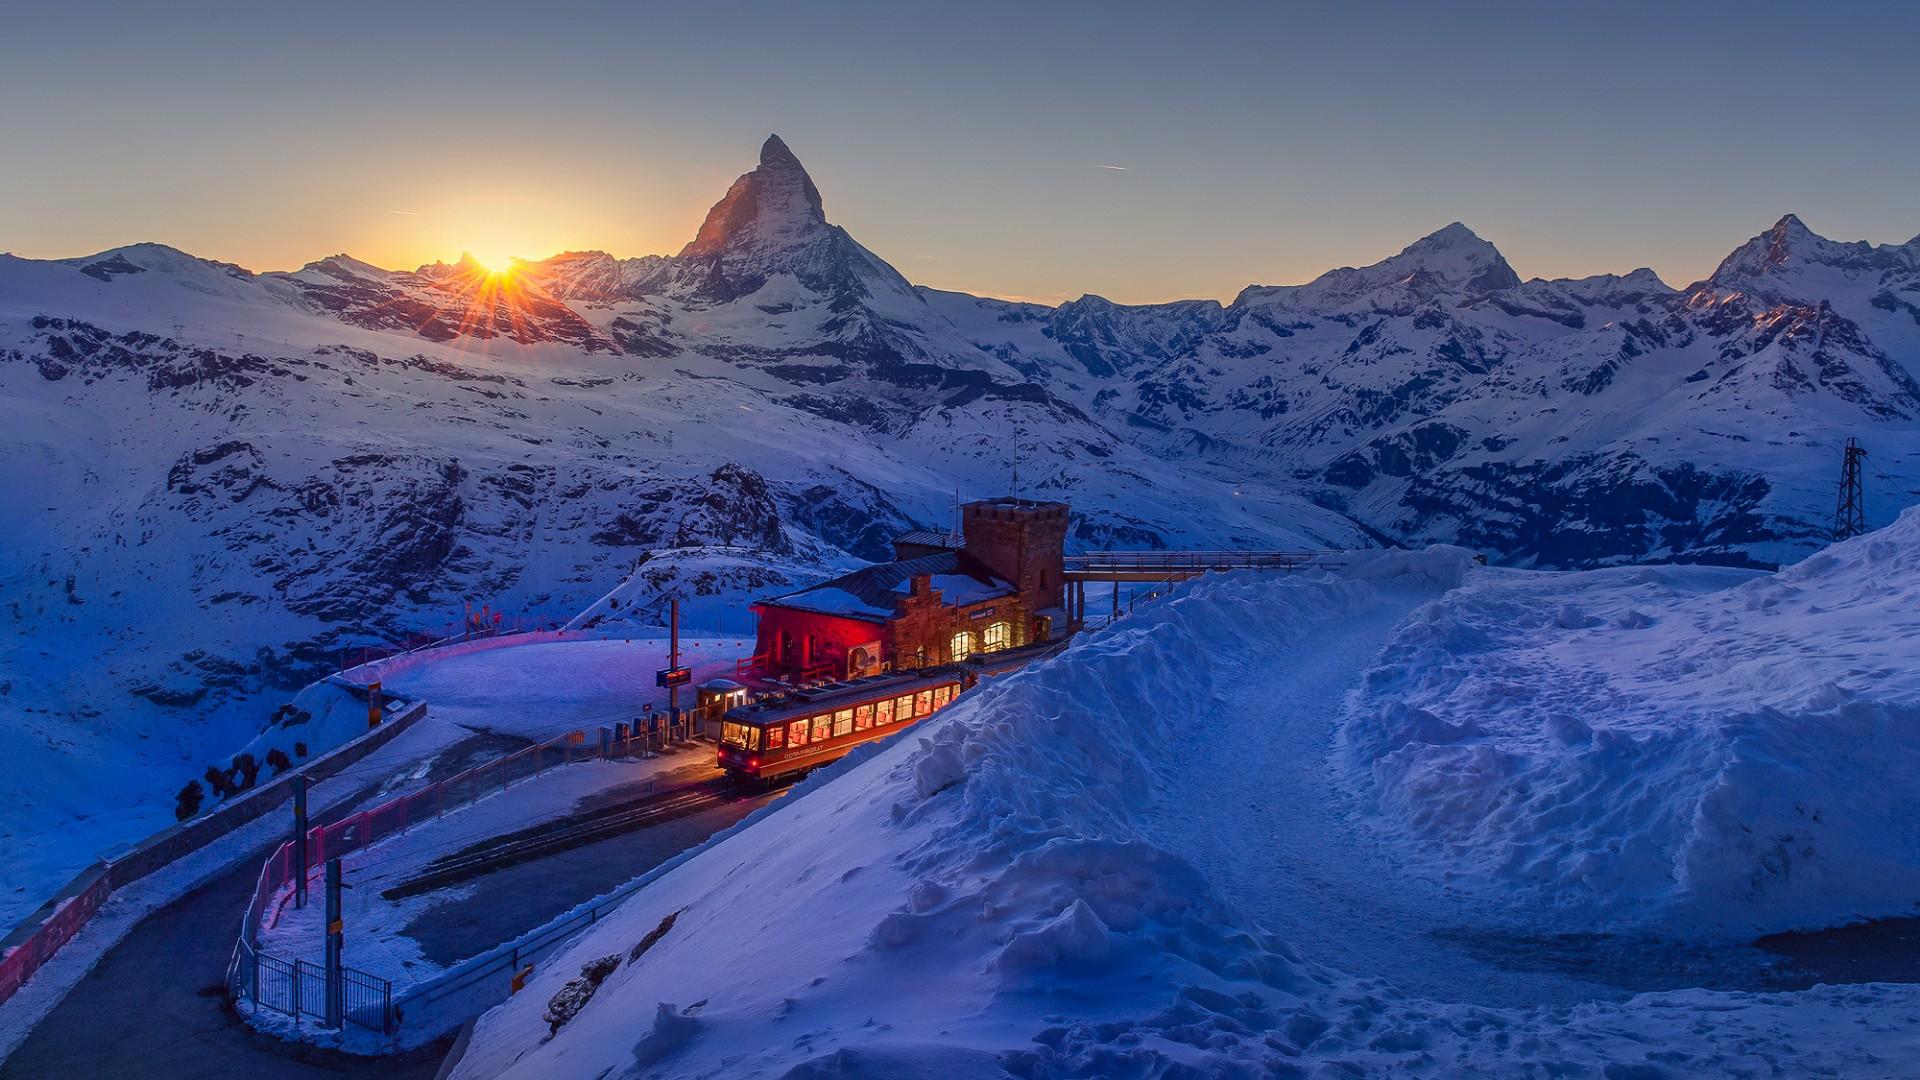 Matterhorn view from Gornergrat railway station wallpaper